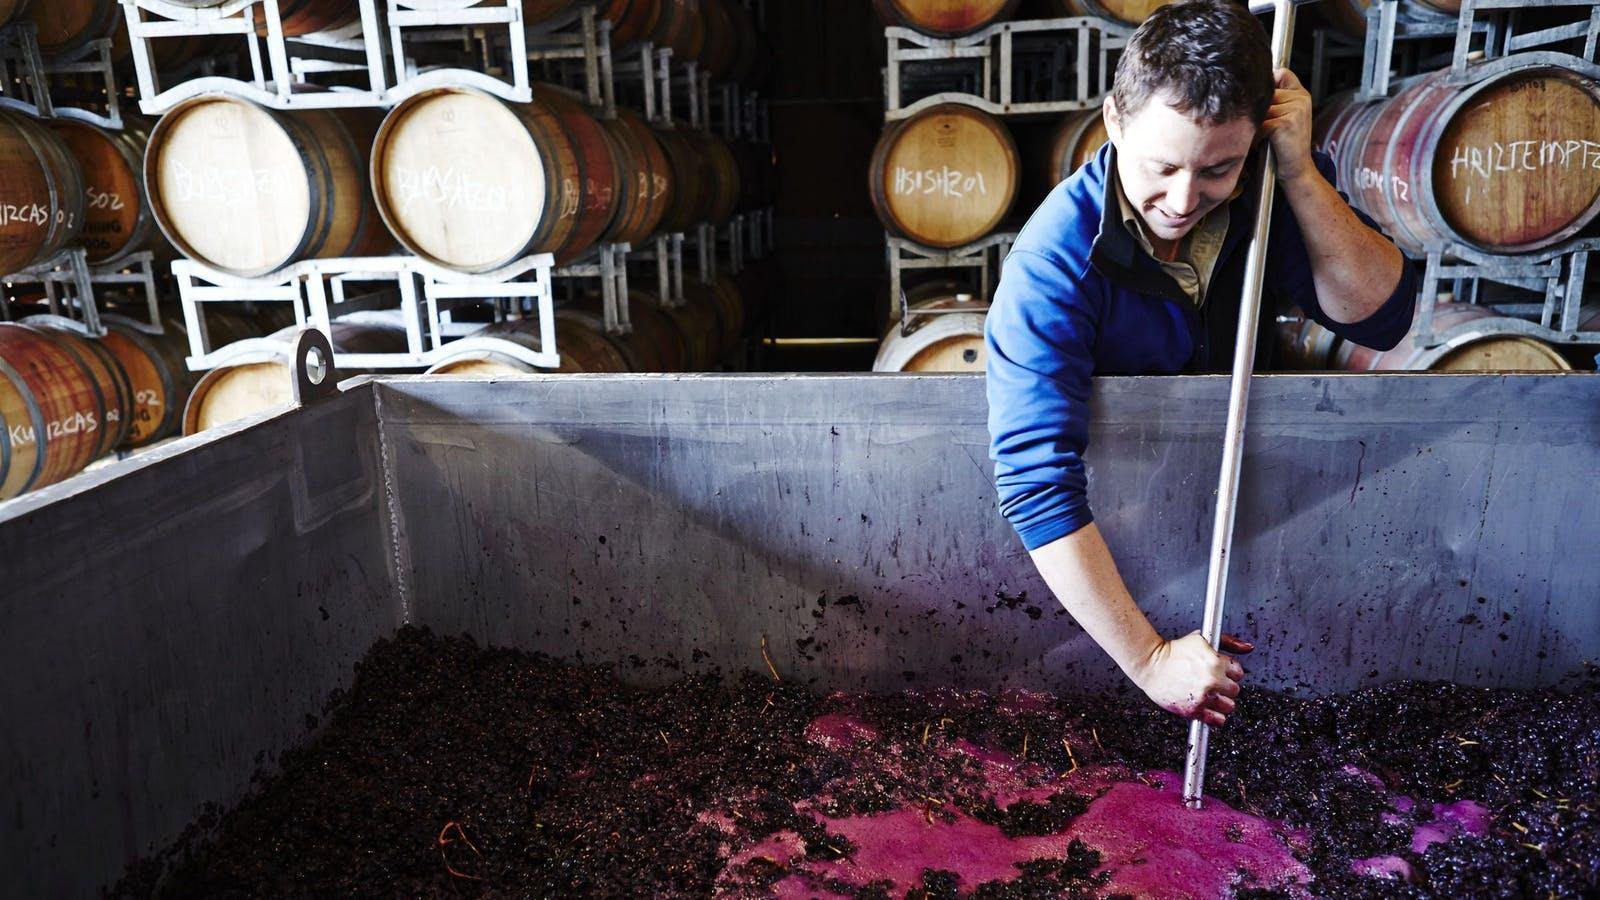 Chief Winemaker Robert Ellis